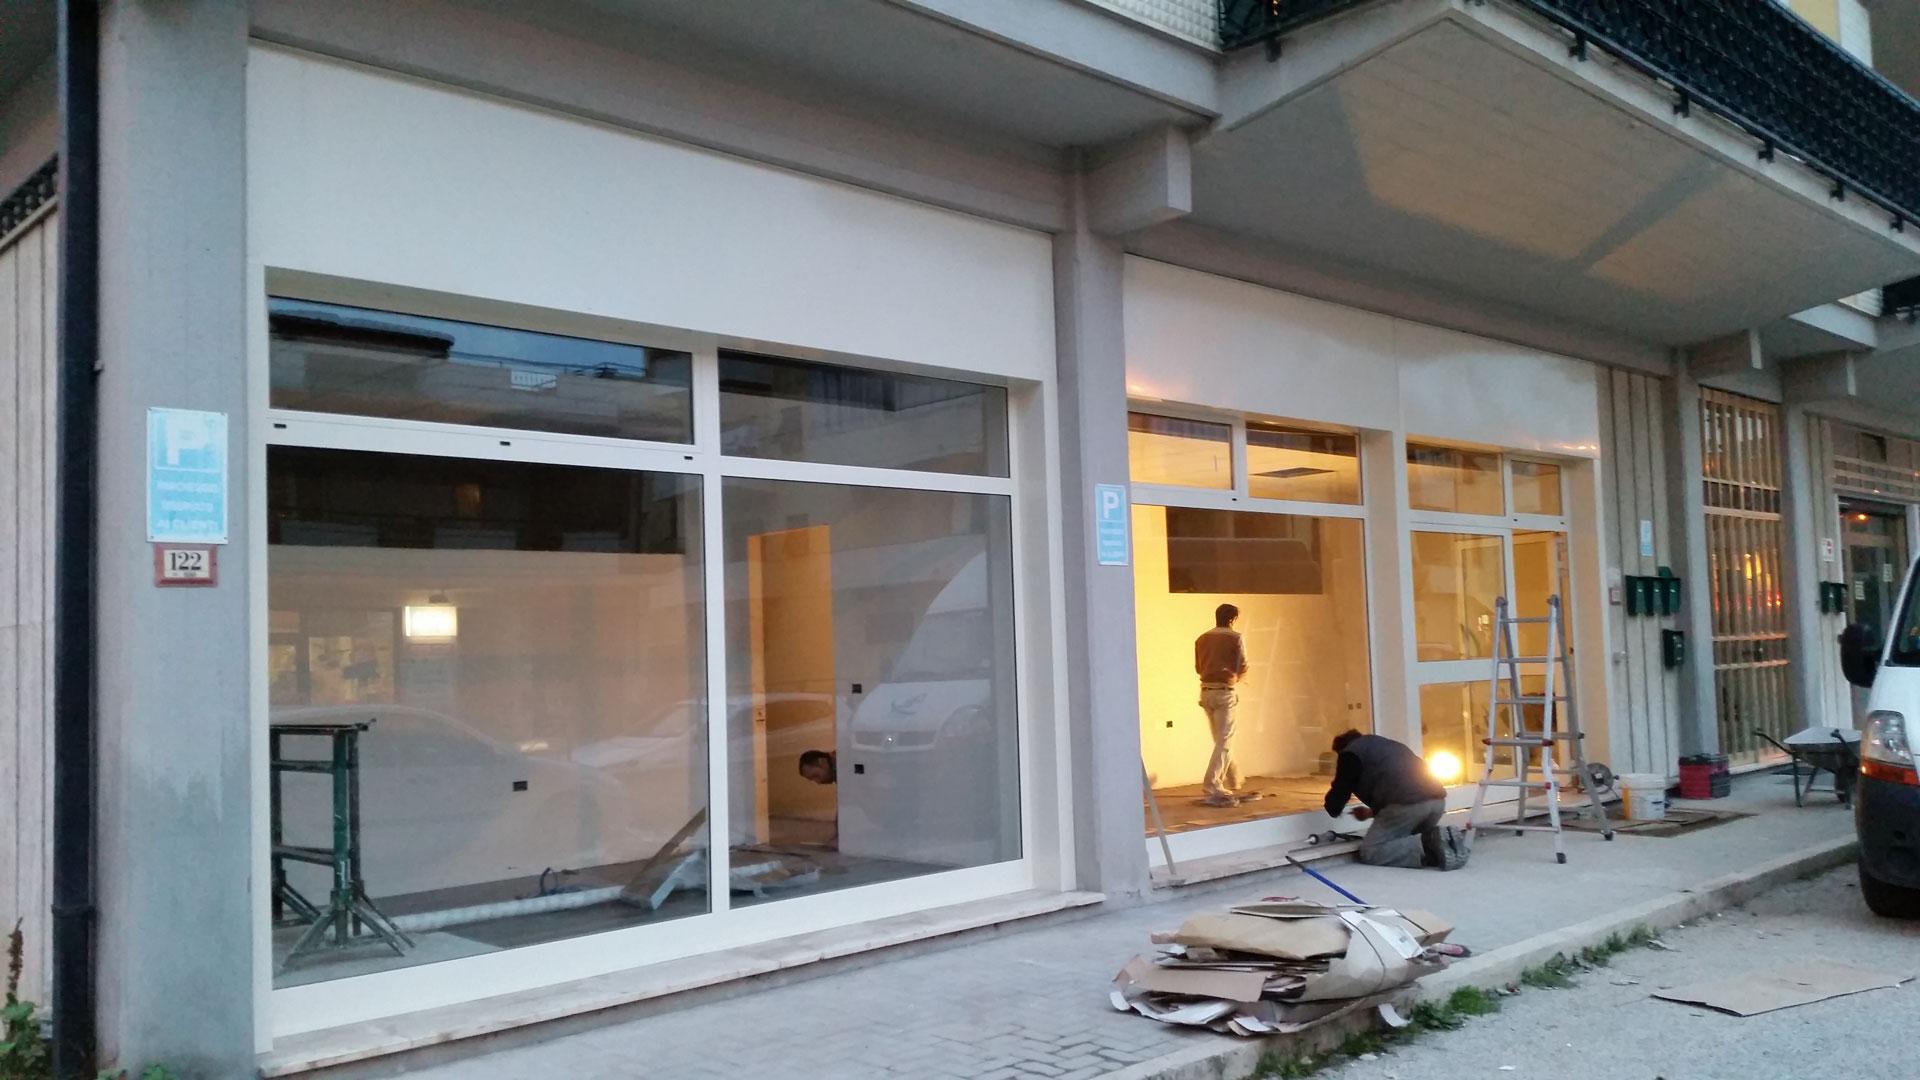 Manutenzione porte e finestre interne ed esterne R. Generation